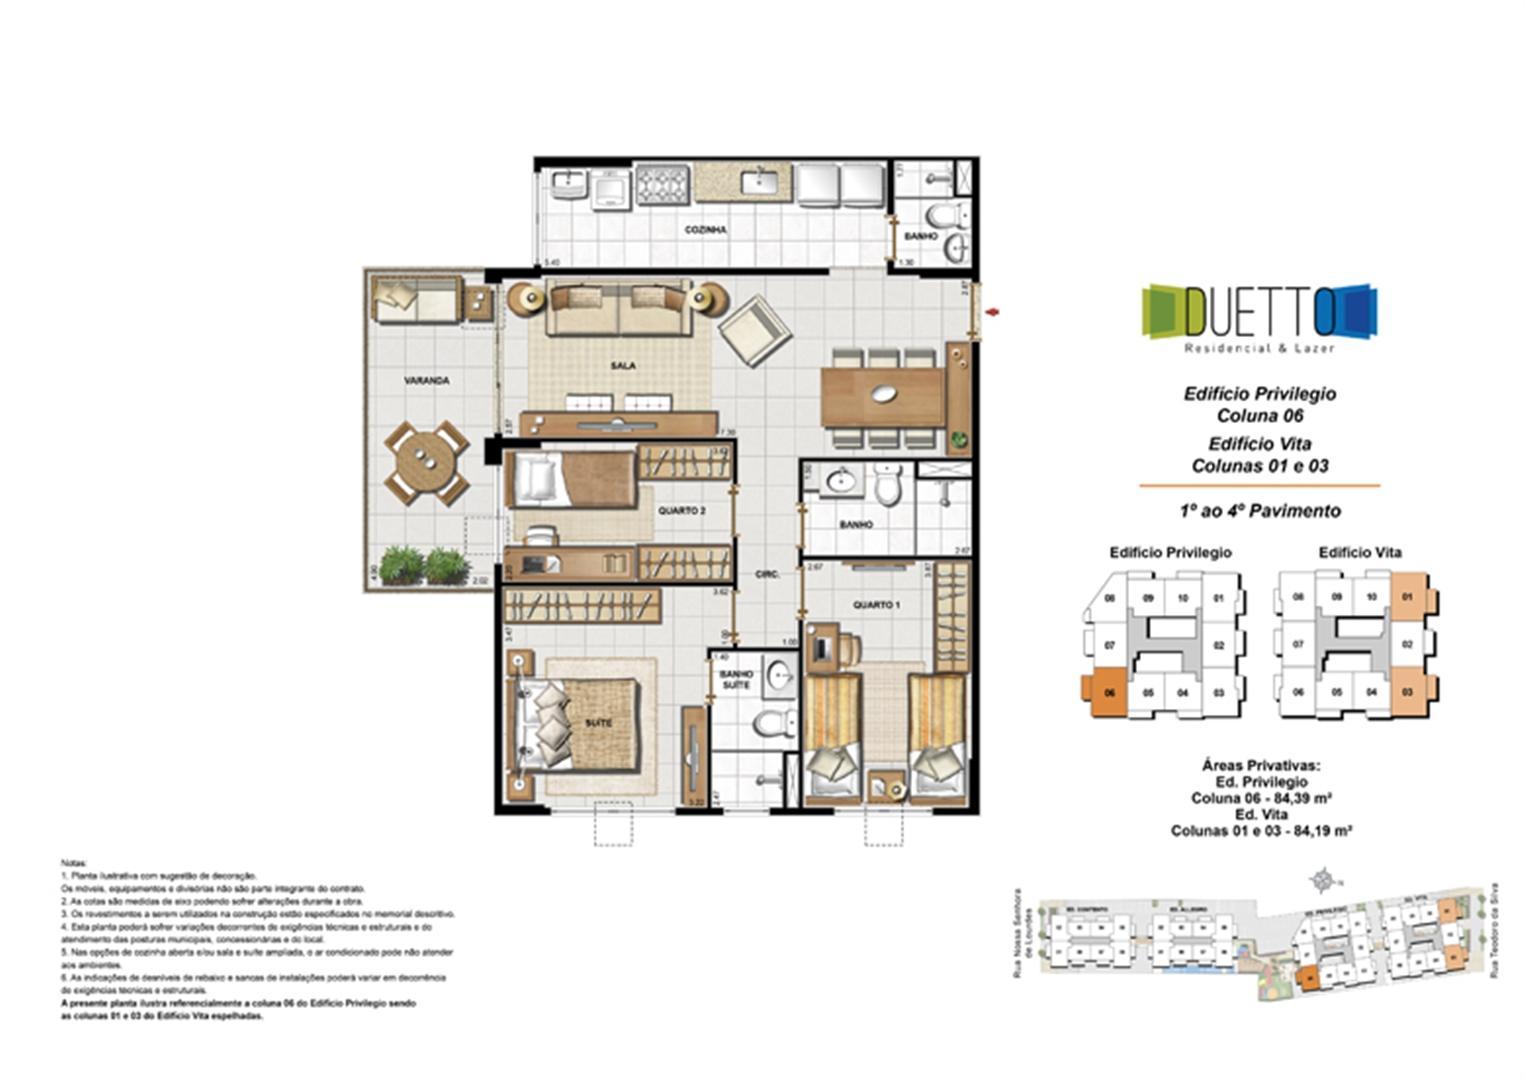 3 Quartos com suíte - 84m² | Duetto Residencial & Lazer – Apartamento no  Grajaú - Rio de Janeiro - Rio de Janeiro